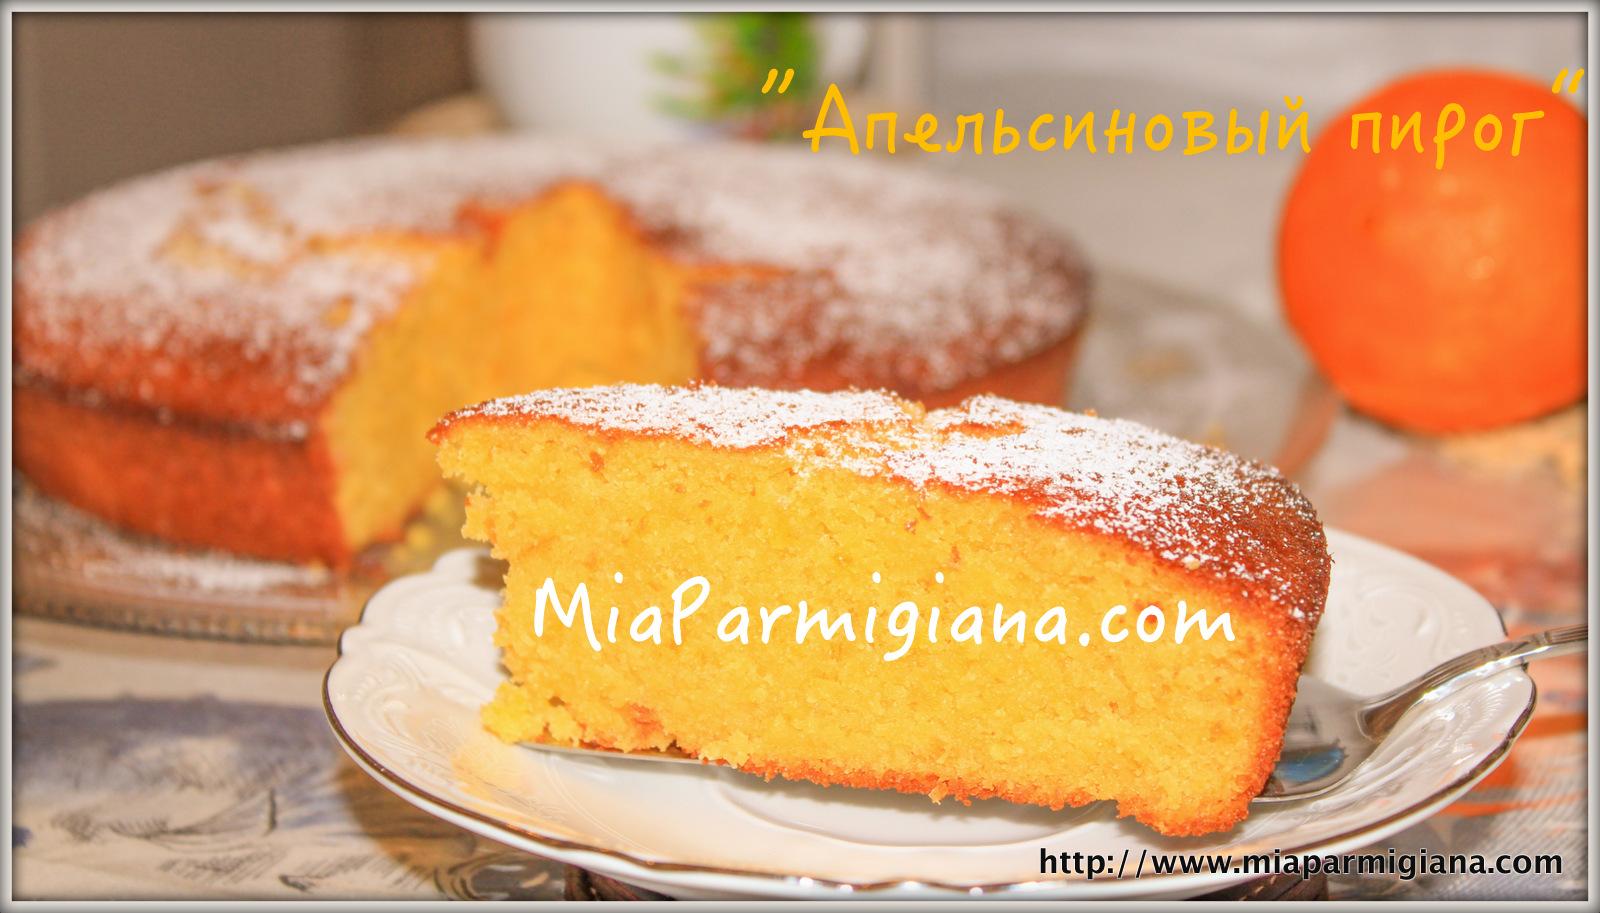 апельсиновый торт рецепт видео